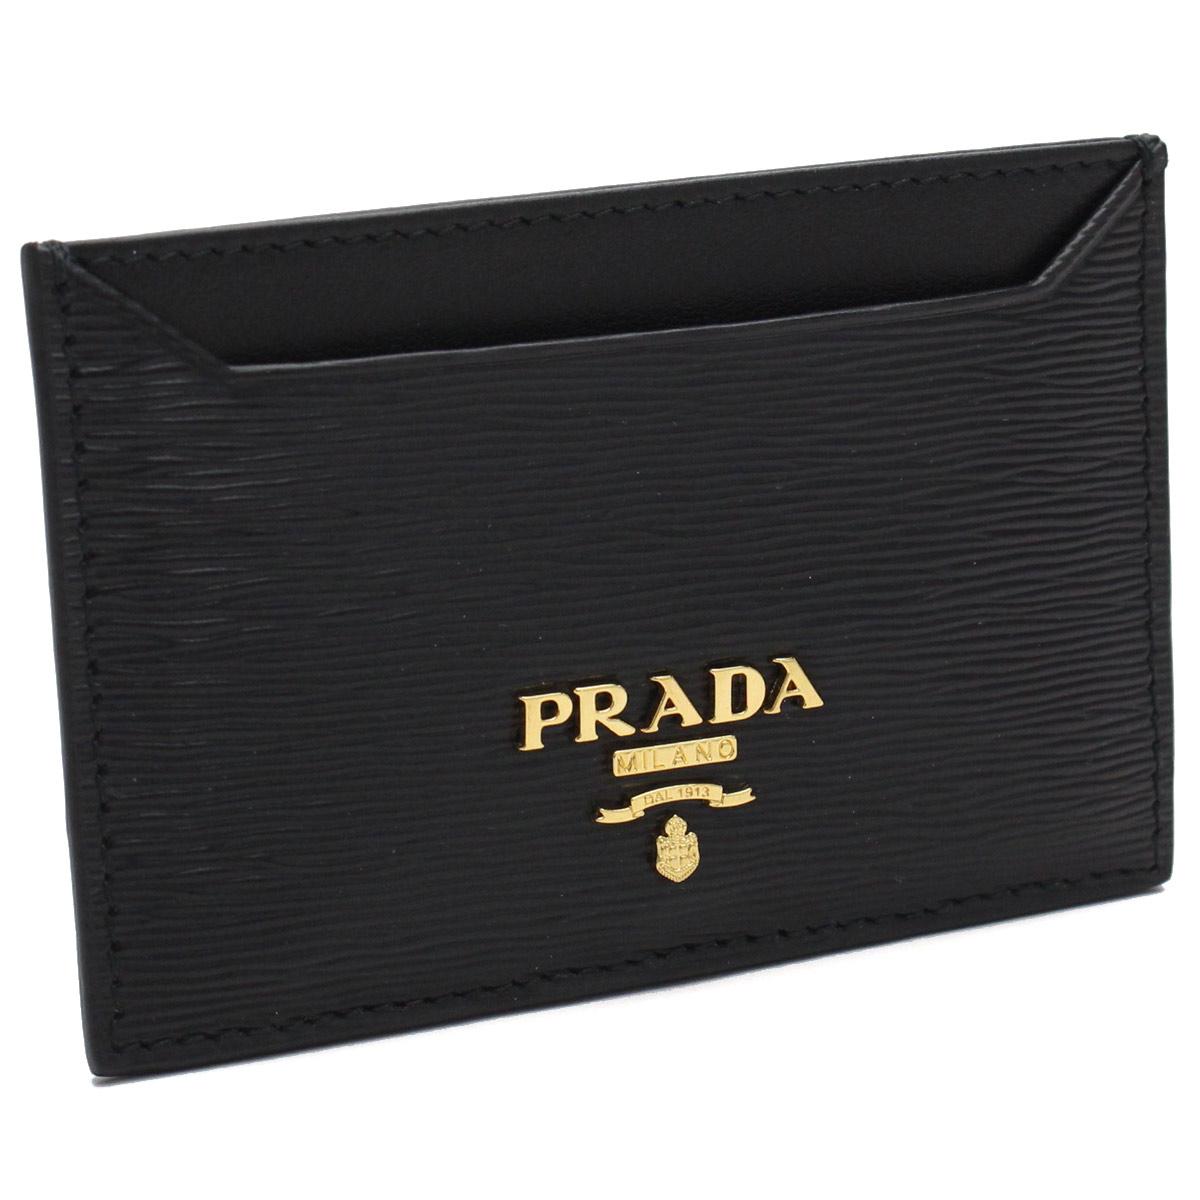 プラダ アウトレット (PRADA(OUTLET)) カードケース 1MC208-O 2EZZ F0002 NERO ブラック レディース【キャッシュレス 5% 還元】